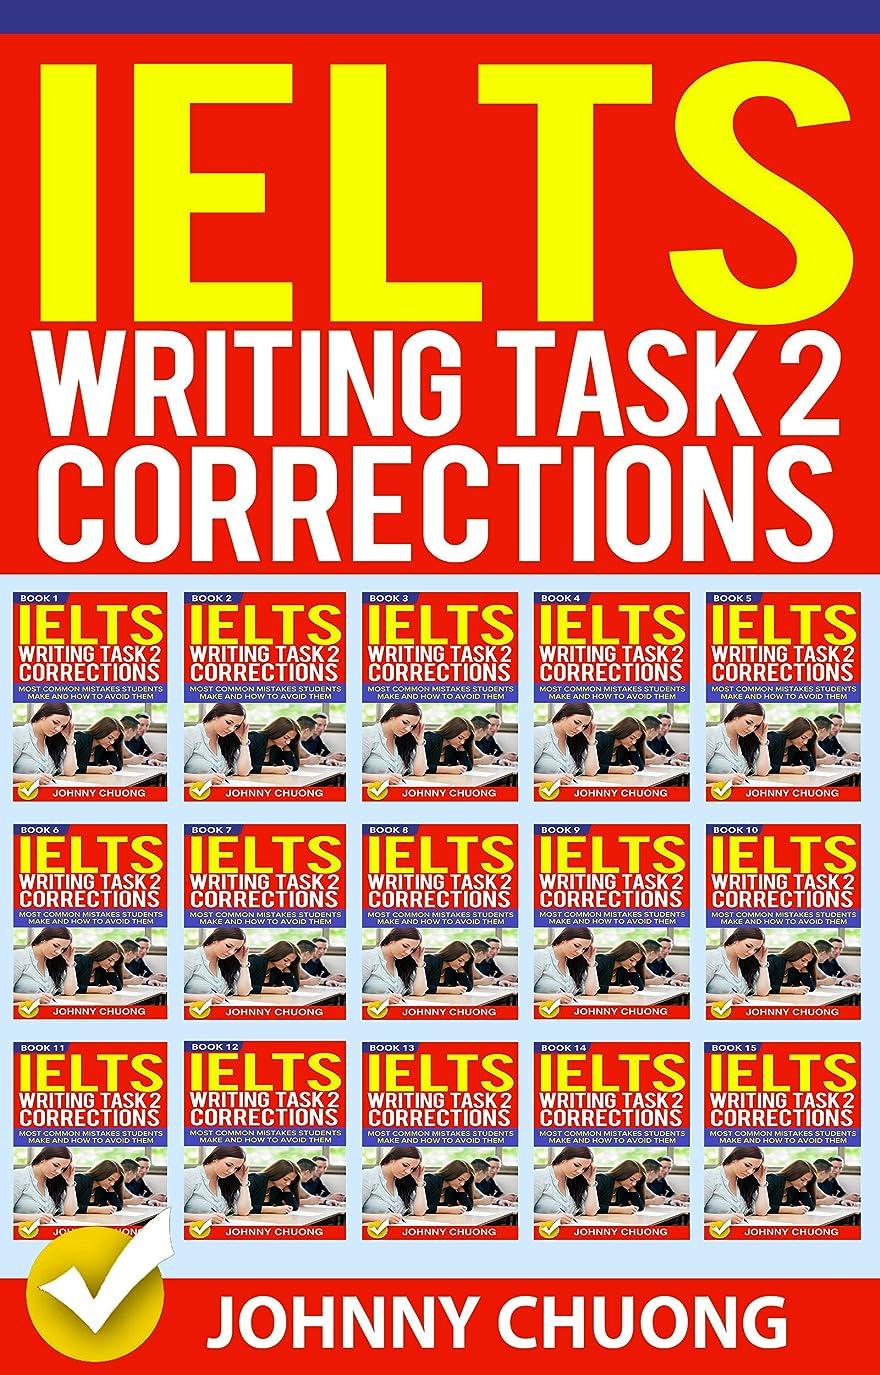 暗くする低下気付くIelts Writing Task 2 Corrections: Most Common Mistakes Students Make and How to Avoid Them (Box set 15 in 1) (English Edition)